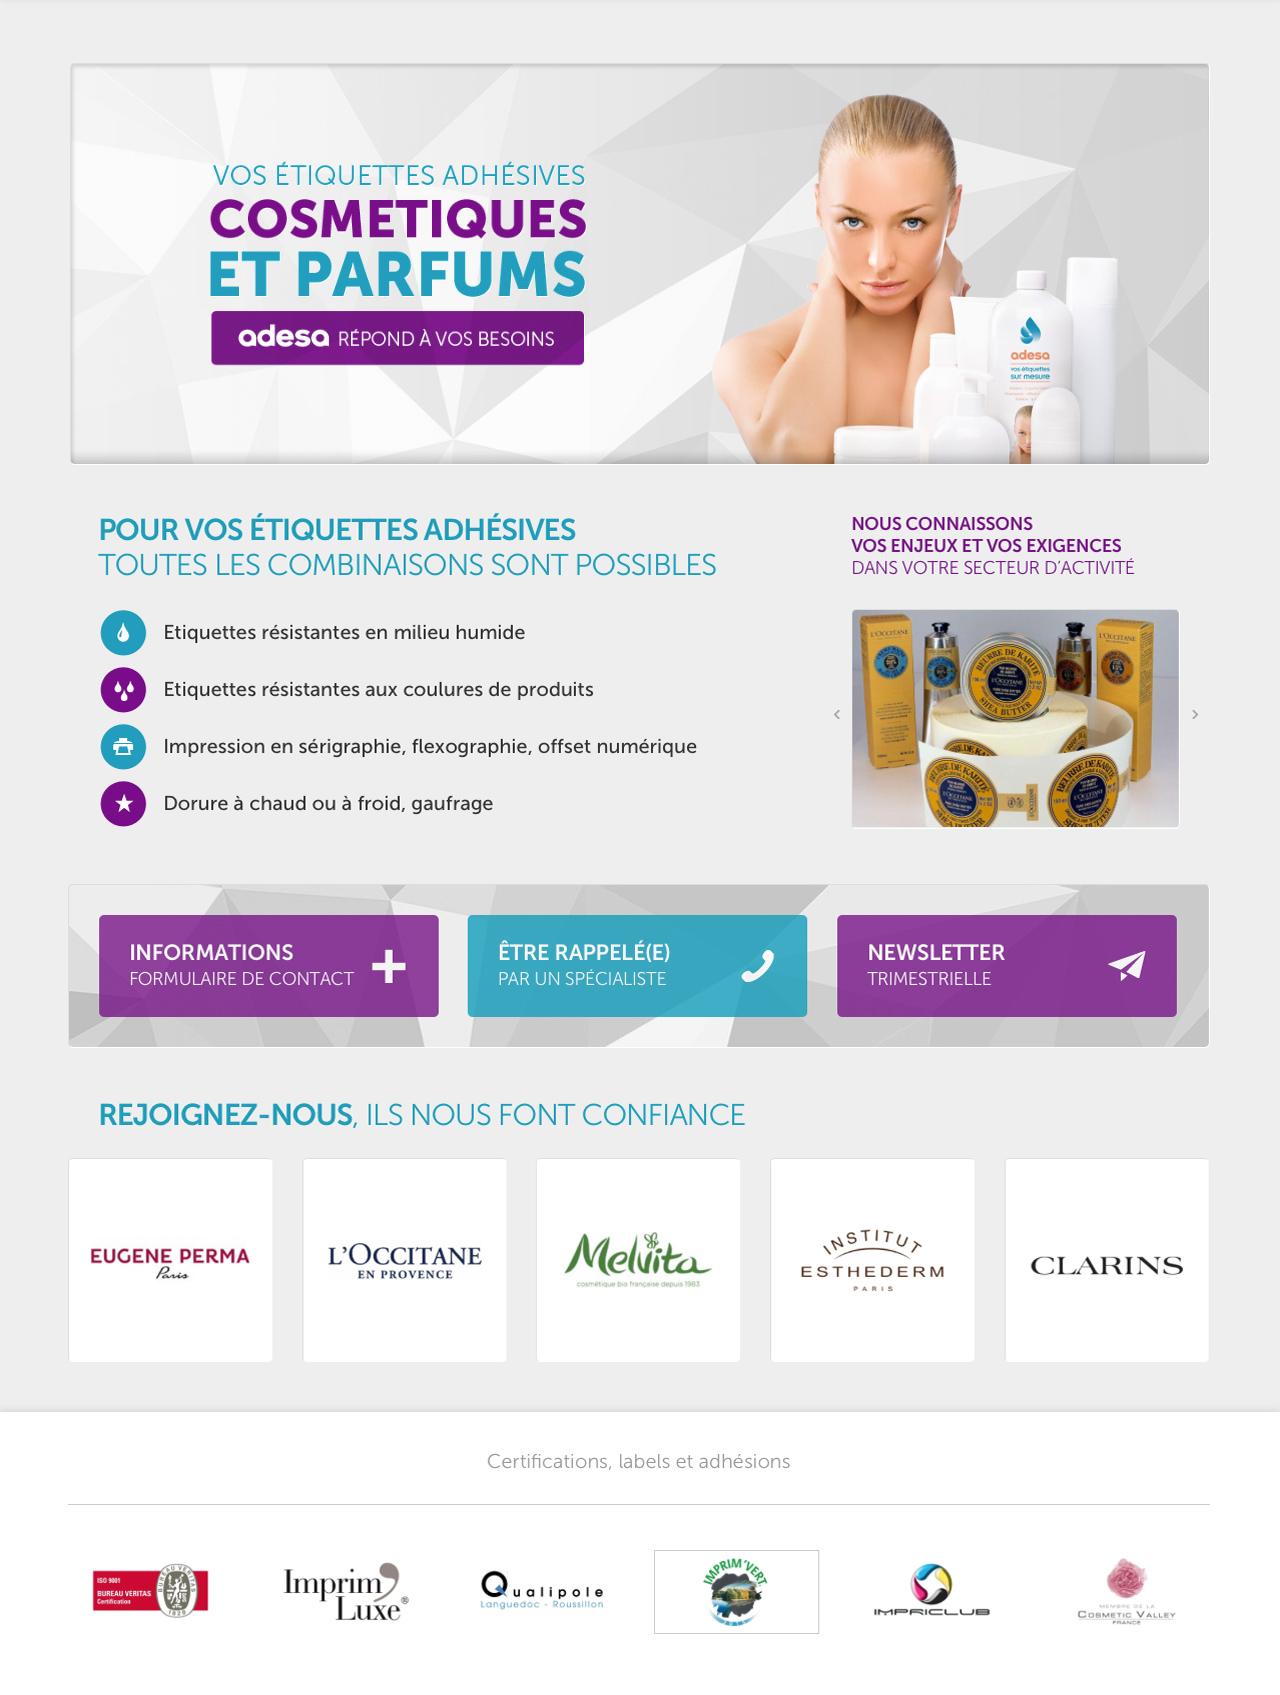 adesa-creation-interface-cosmetique-caconcept-alexis-cretin